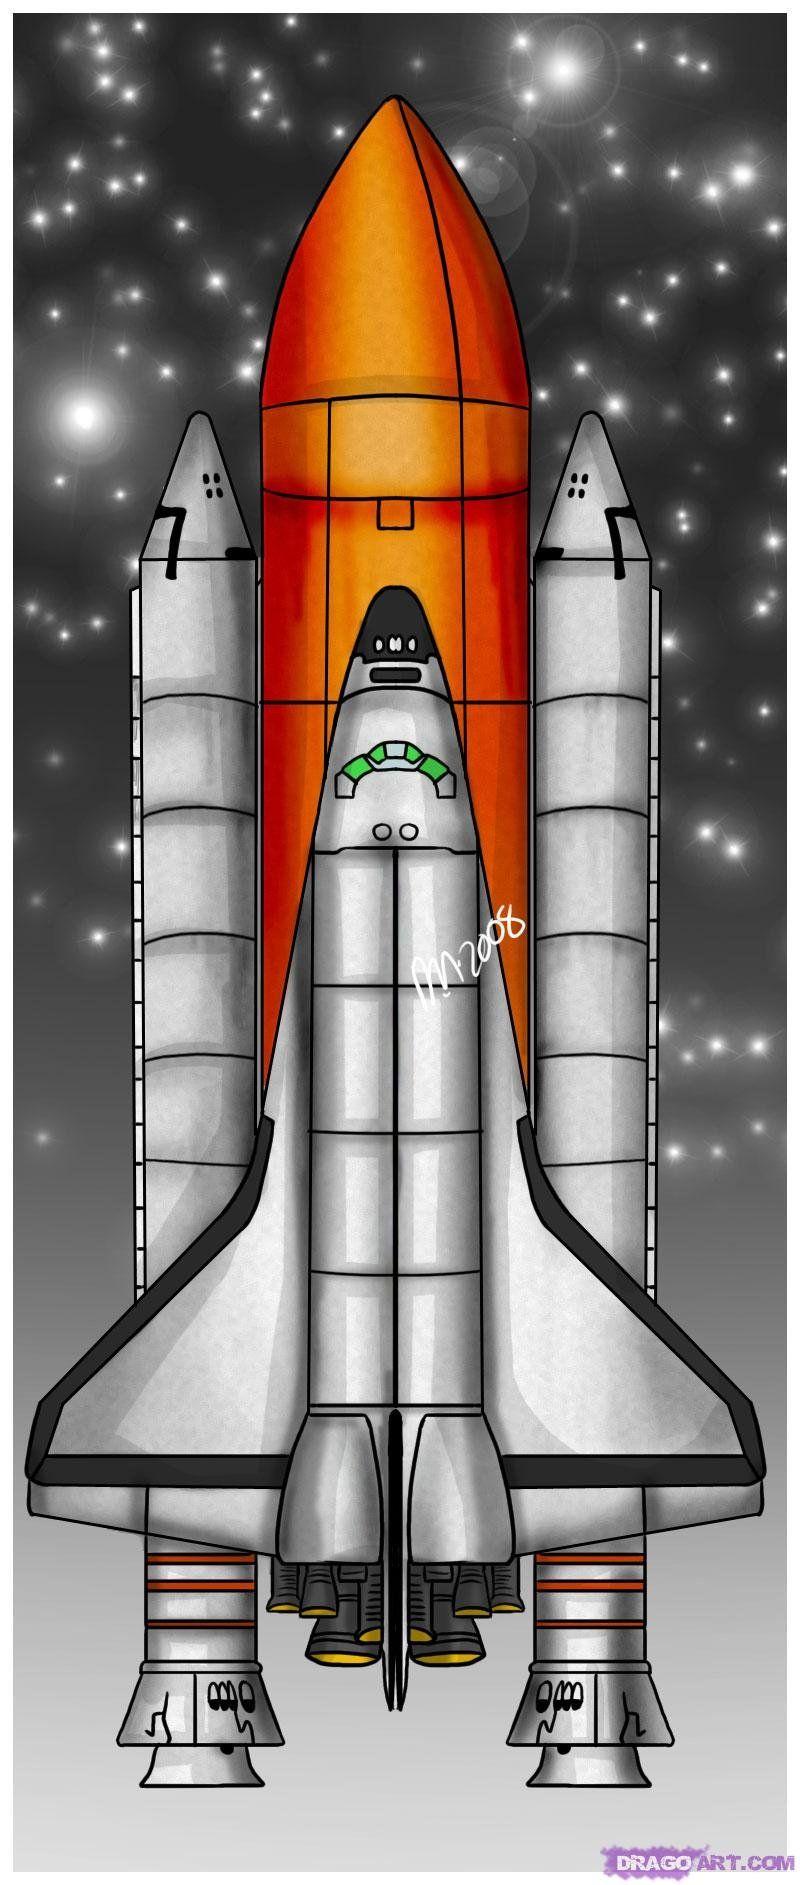 Ракета на фото рисованная